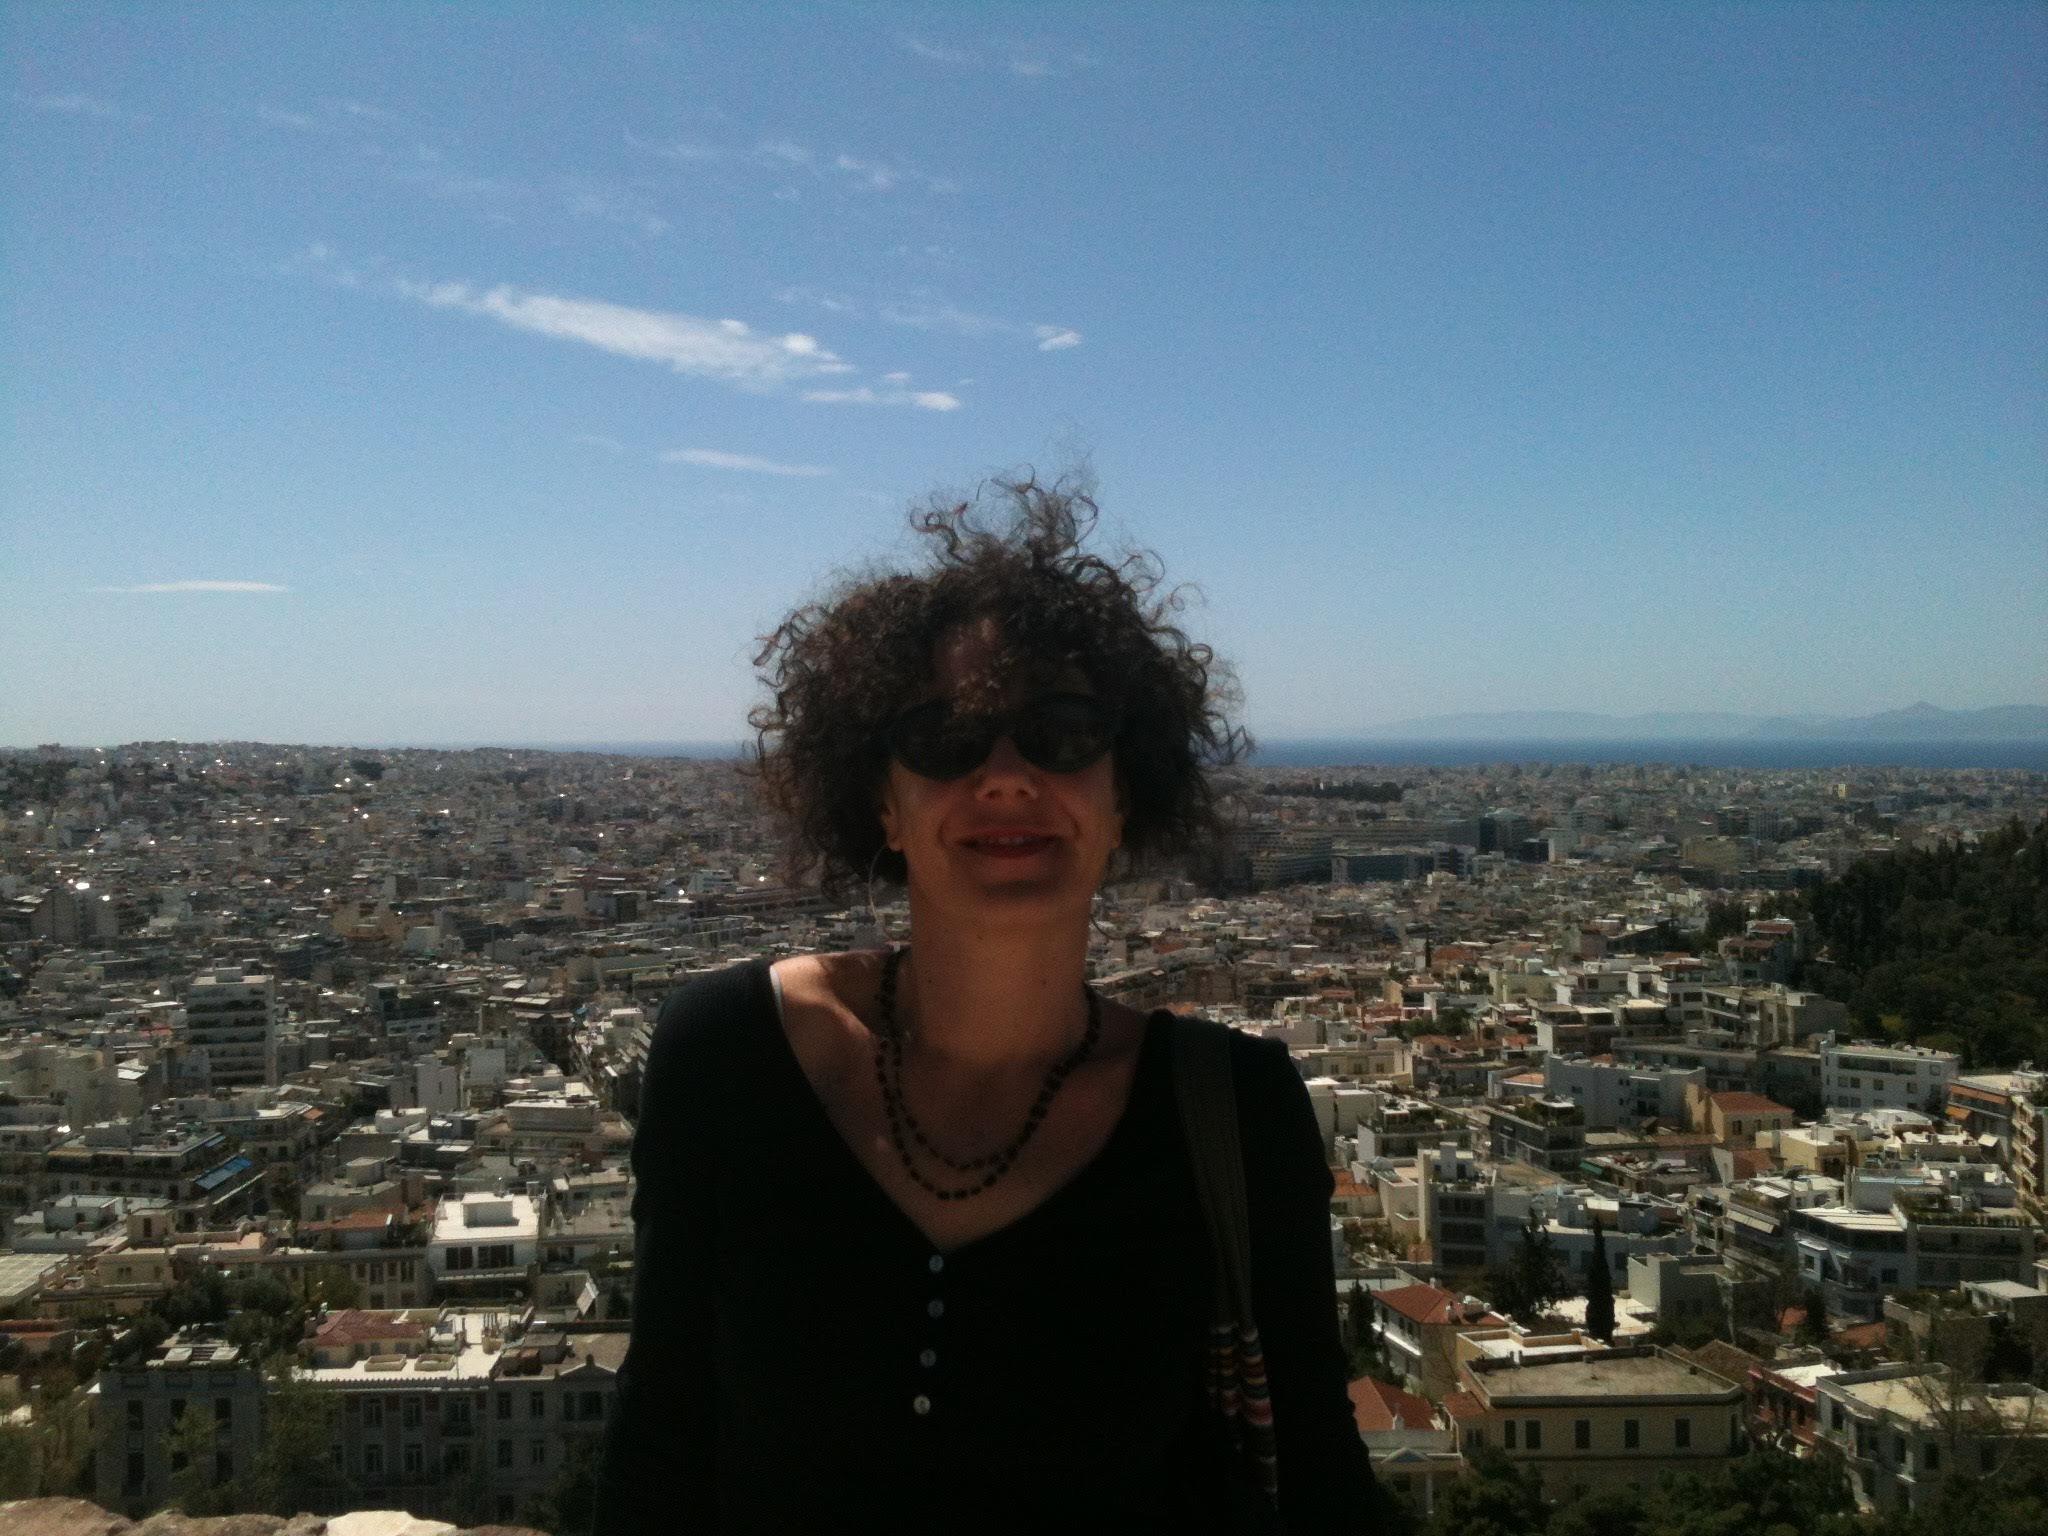 Μια Ιταλίδα στα Εξάρχεια: Η Monia Cappuccini καταγράφει την αλληλεγγύη των πρωταγωνιστών της γειτονιάς που απάντησε στην